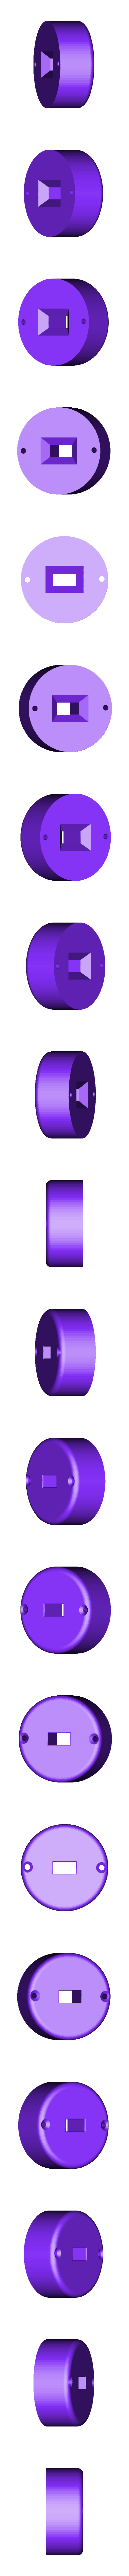 warhead_1.stl Download free STL file GI Joe Nanomites warhead • 3D print model, poblocki1982